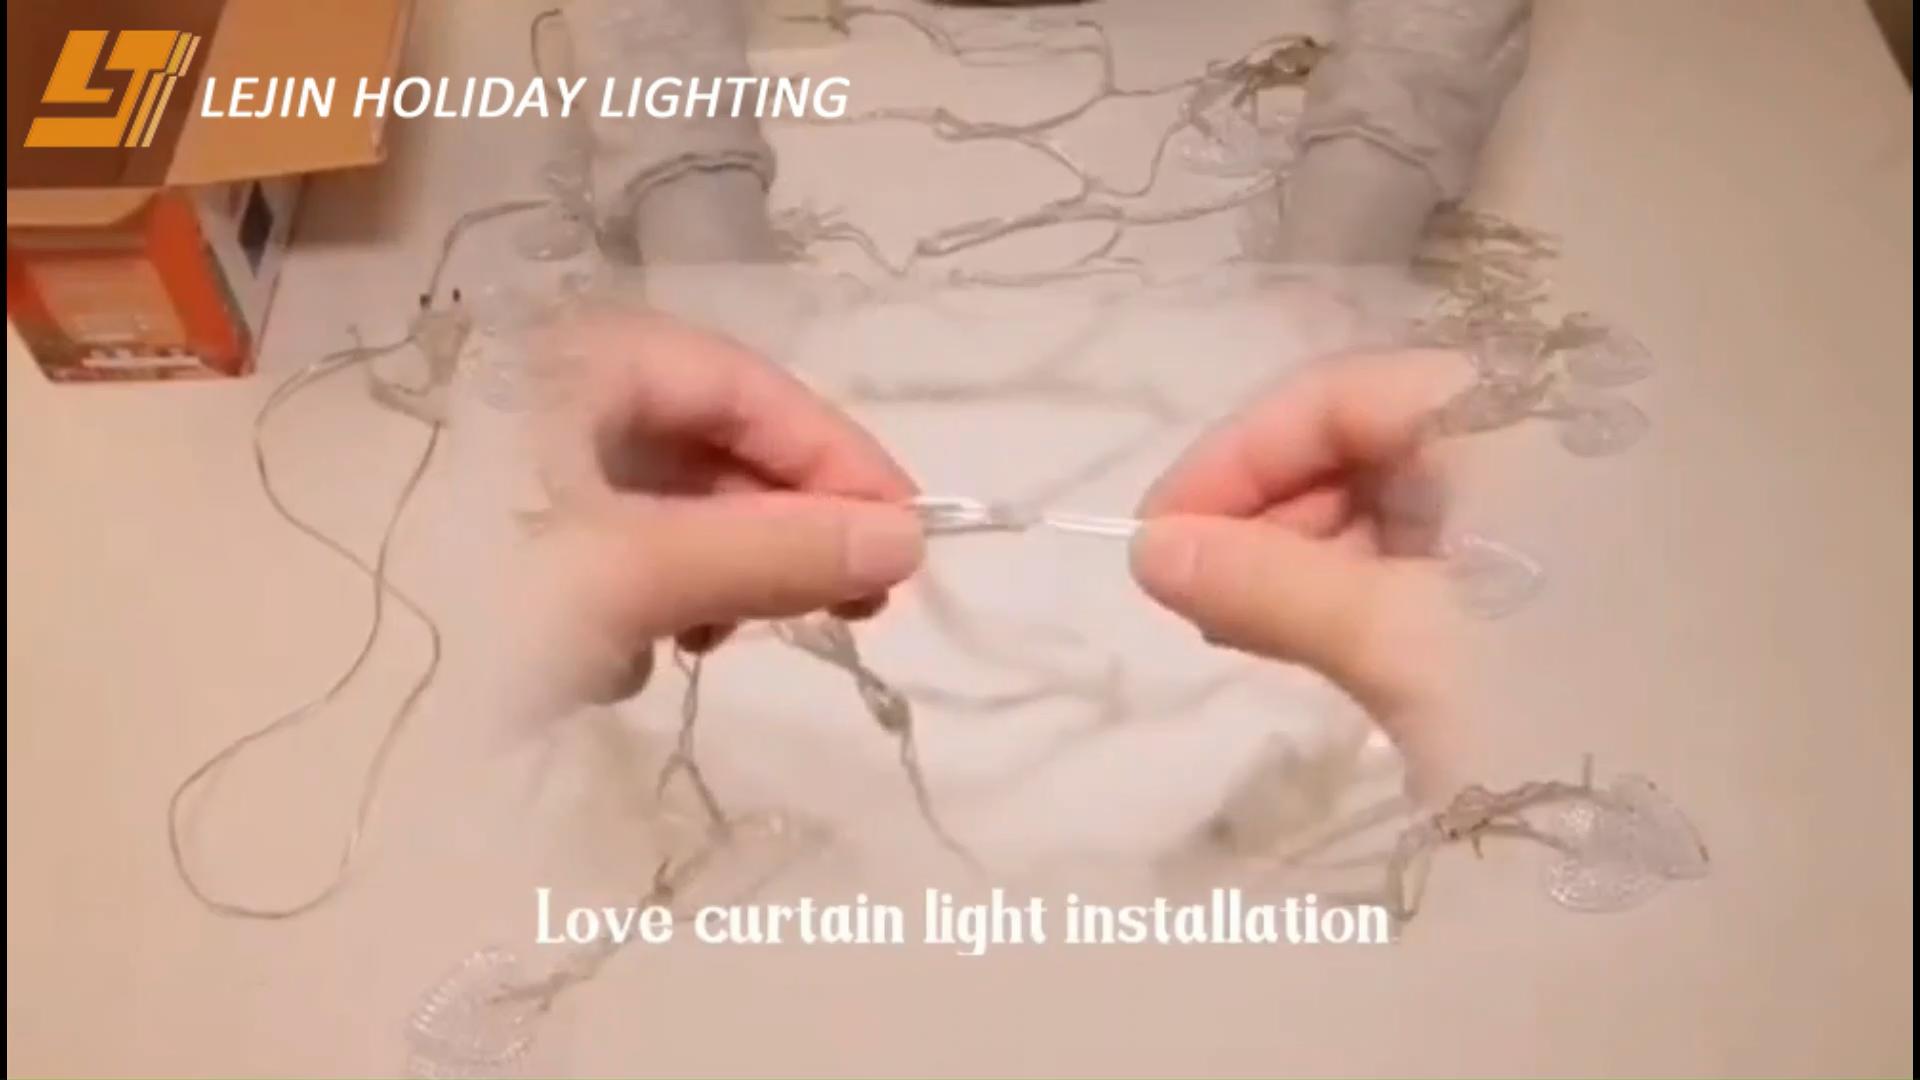 結婚式のledの装飾的なクリスマスライトの妖精のカーテンライトは休日のためのきらめきライトを導きました